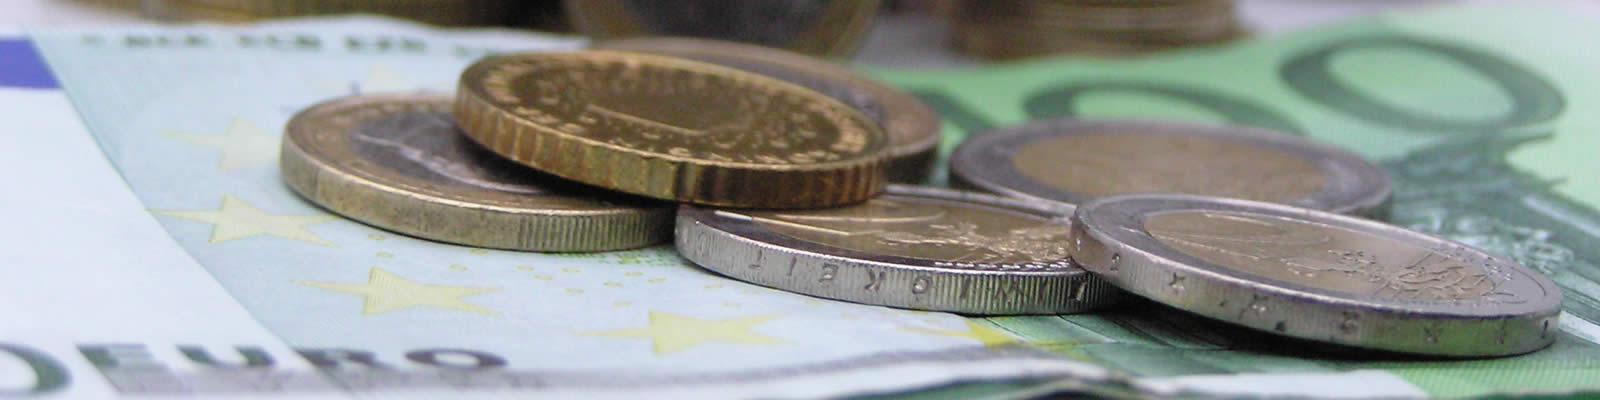 header Bild von kostenlos.com